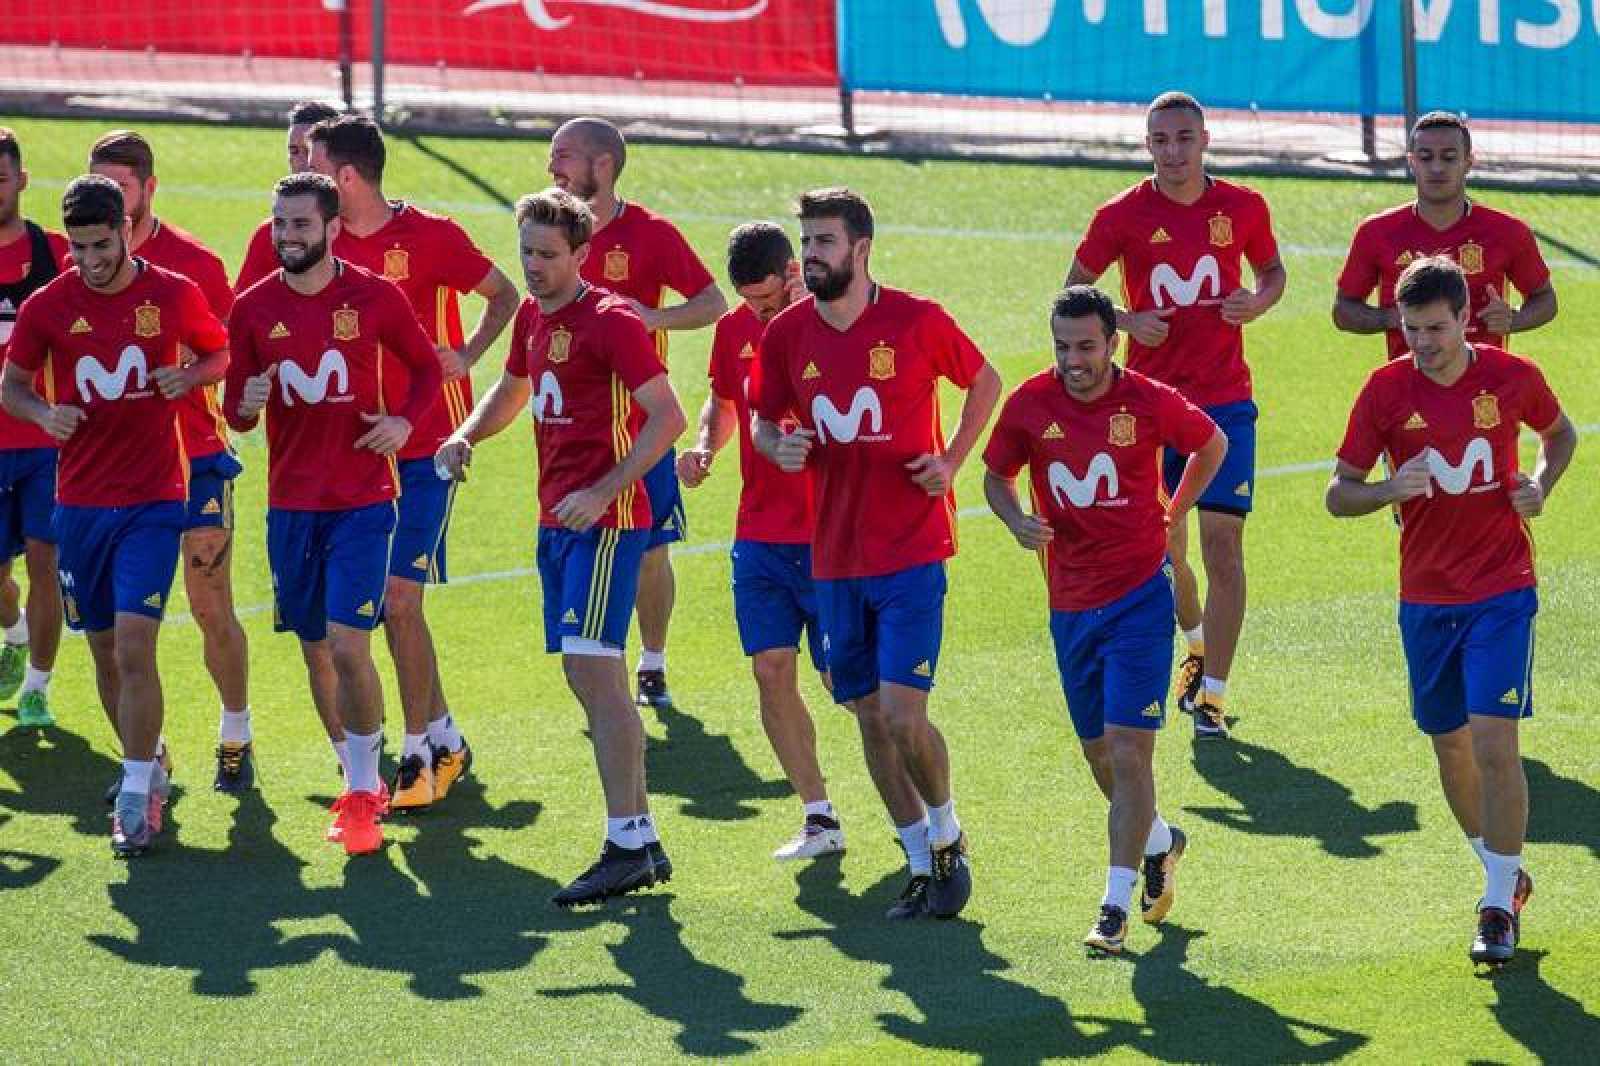 Los jugadores de la selección española de fútbol durante el entrenamiento en Las Rozas.